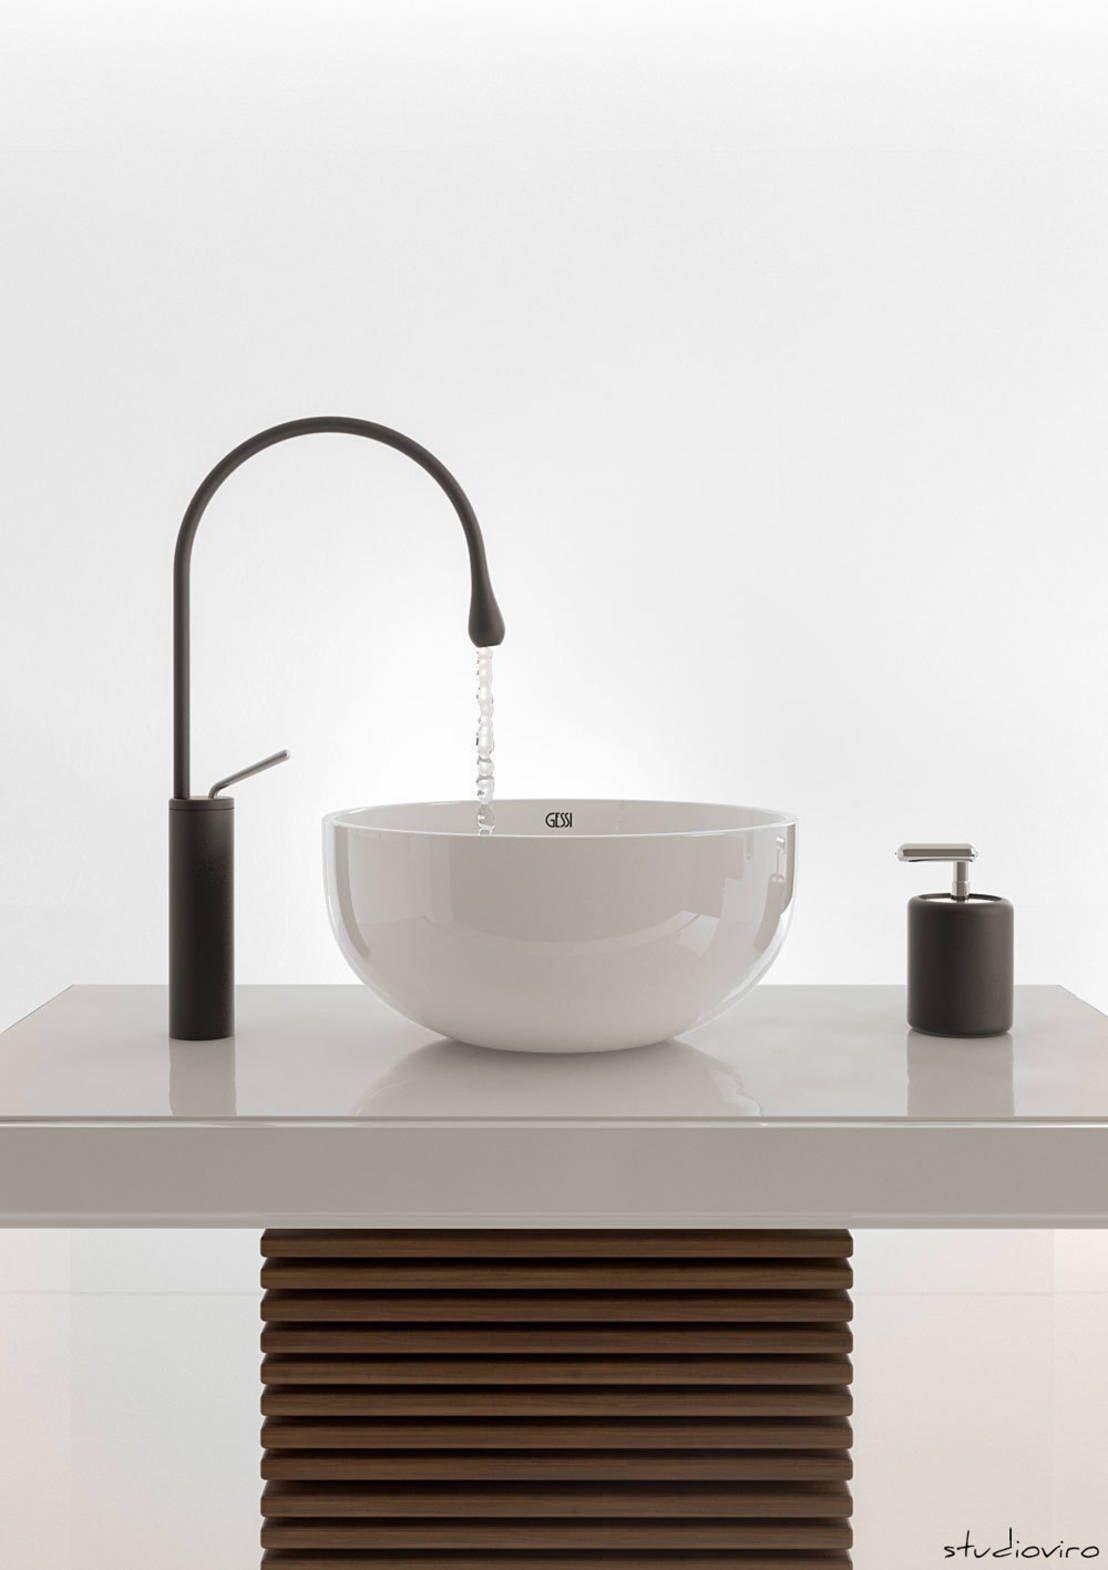 10 tipi di lavandini per il bagno   Powder room, Ware FC and Toilet